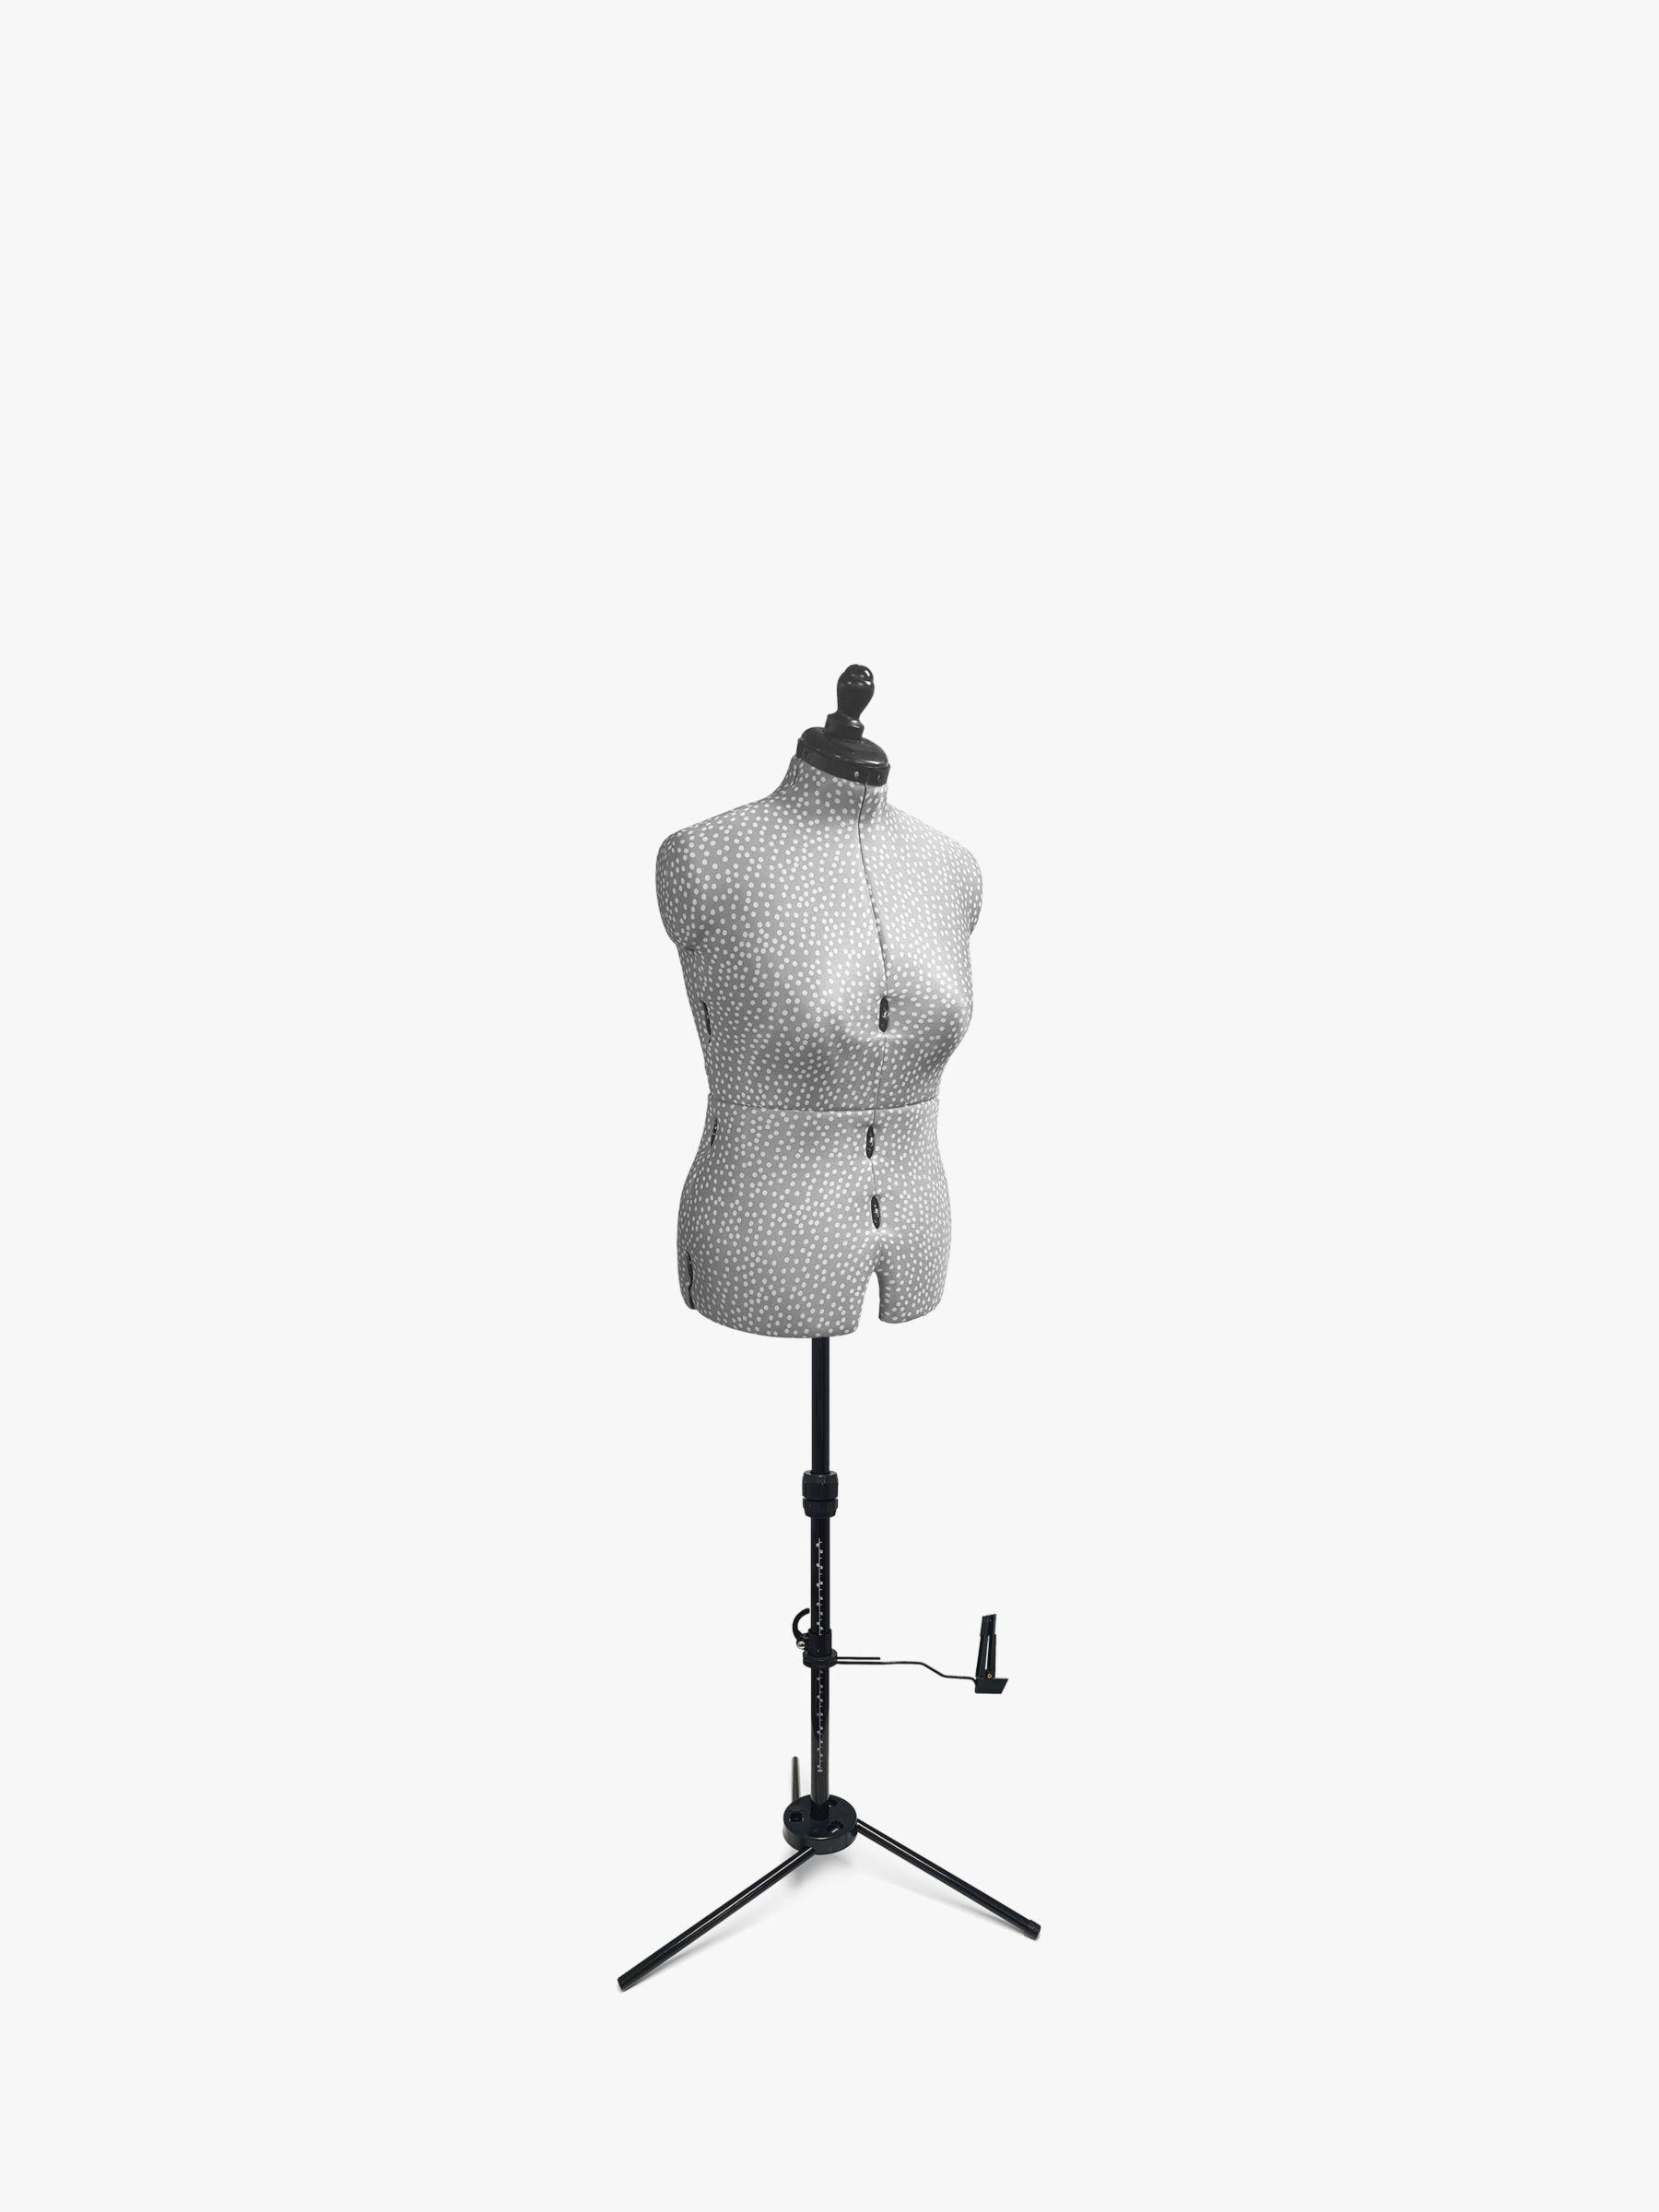 Adjustoform Adjustoform Polka Dot Dressmaking Mannequin, Grey